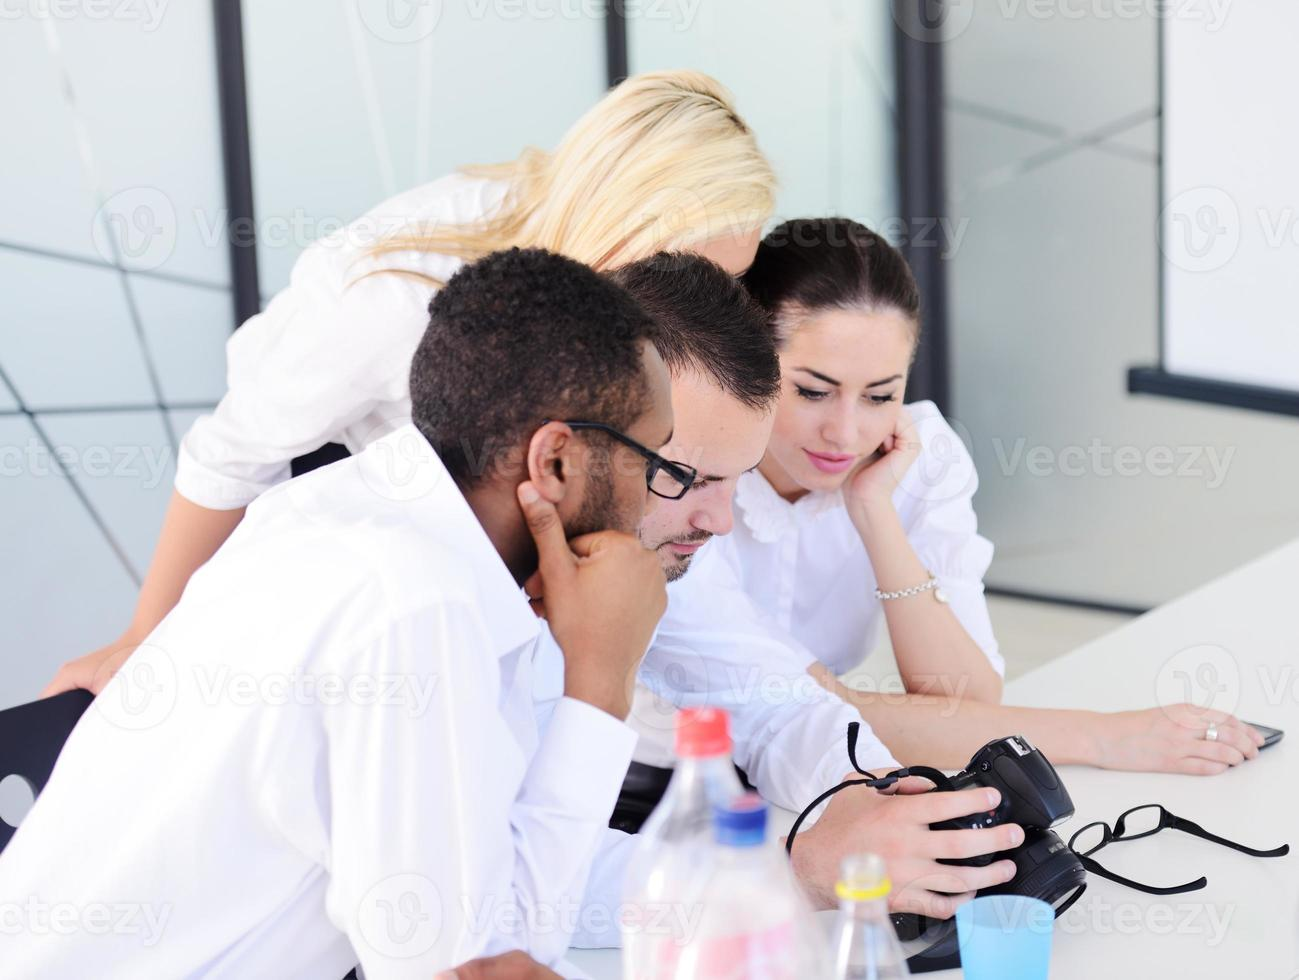 pessoas do Oriente Médio, tendo uma reunião de negócios no escritório foto